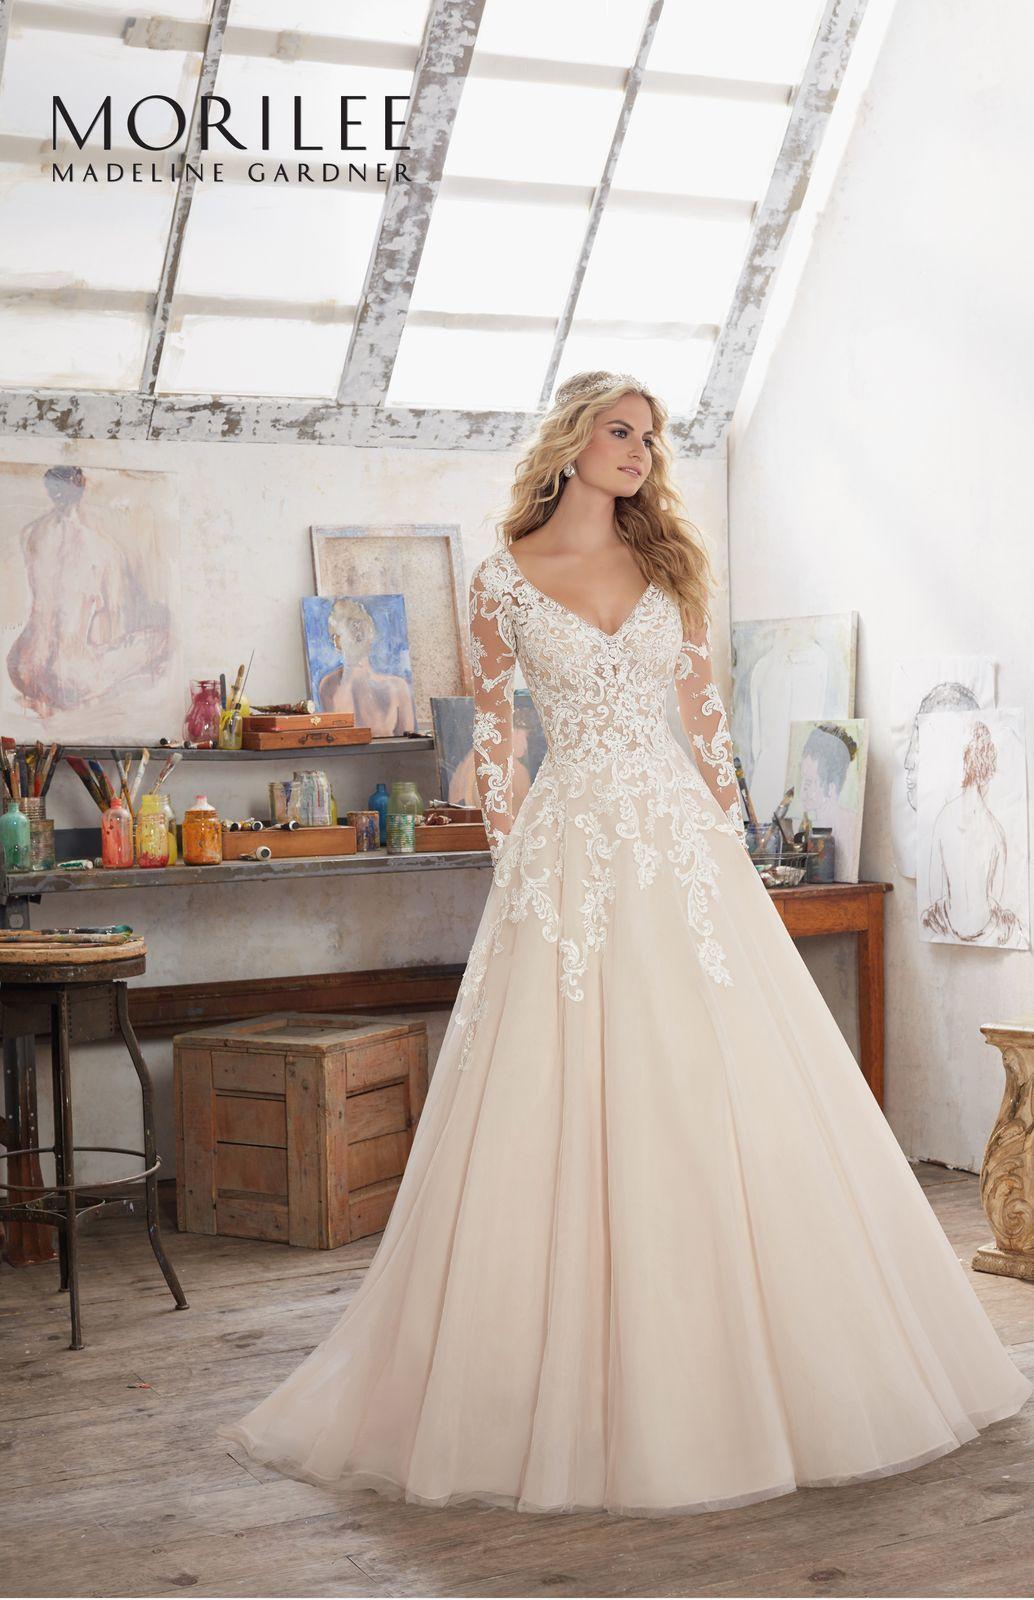 Elegancka Suknia Z Koronkowym Gorsetem Dlugi Rekaw I Spodnica Linii A Sukni Slubnej Mori Lee Wedding Dress Long Sleeve Mori Lee Wedding Dress Wedding Dresses